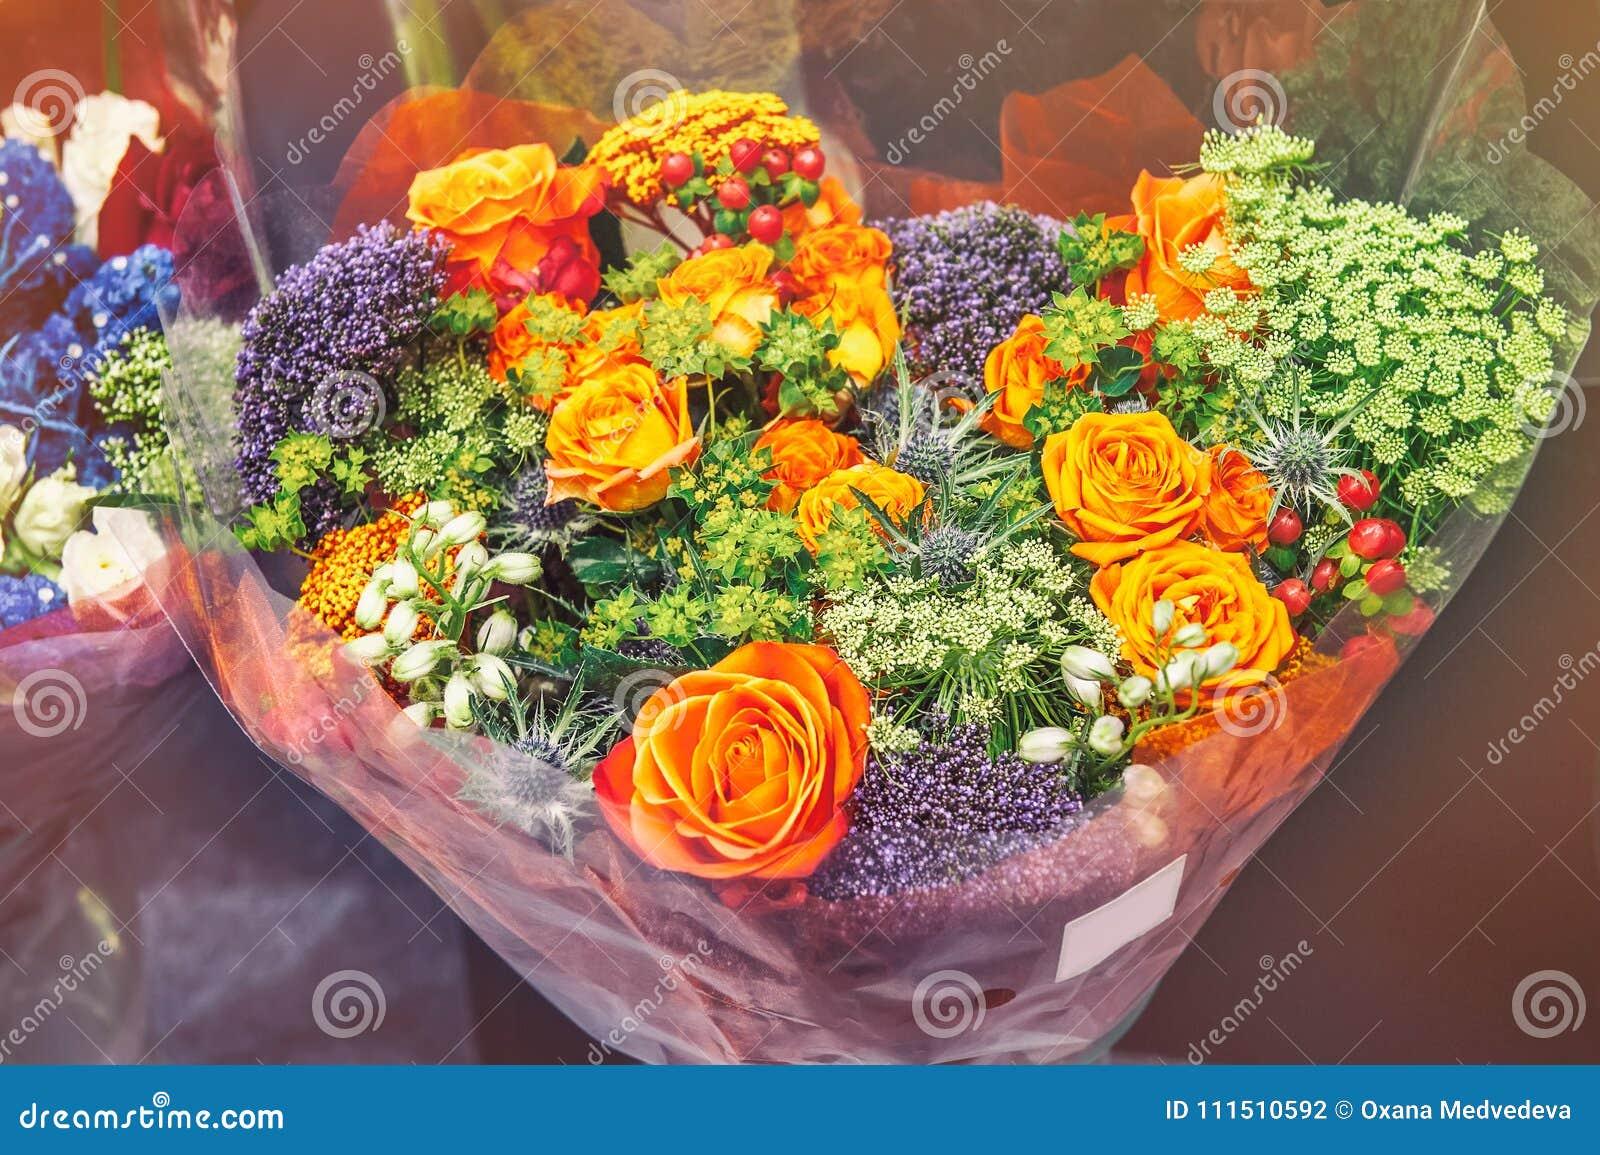 Roses des variétés modernes roses avec l hortensia et les fleurs de l Alstroemeria dans un bouquet dans un panier en osier comme